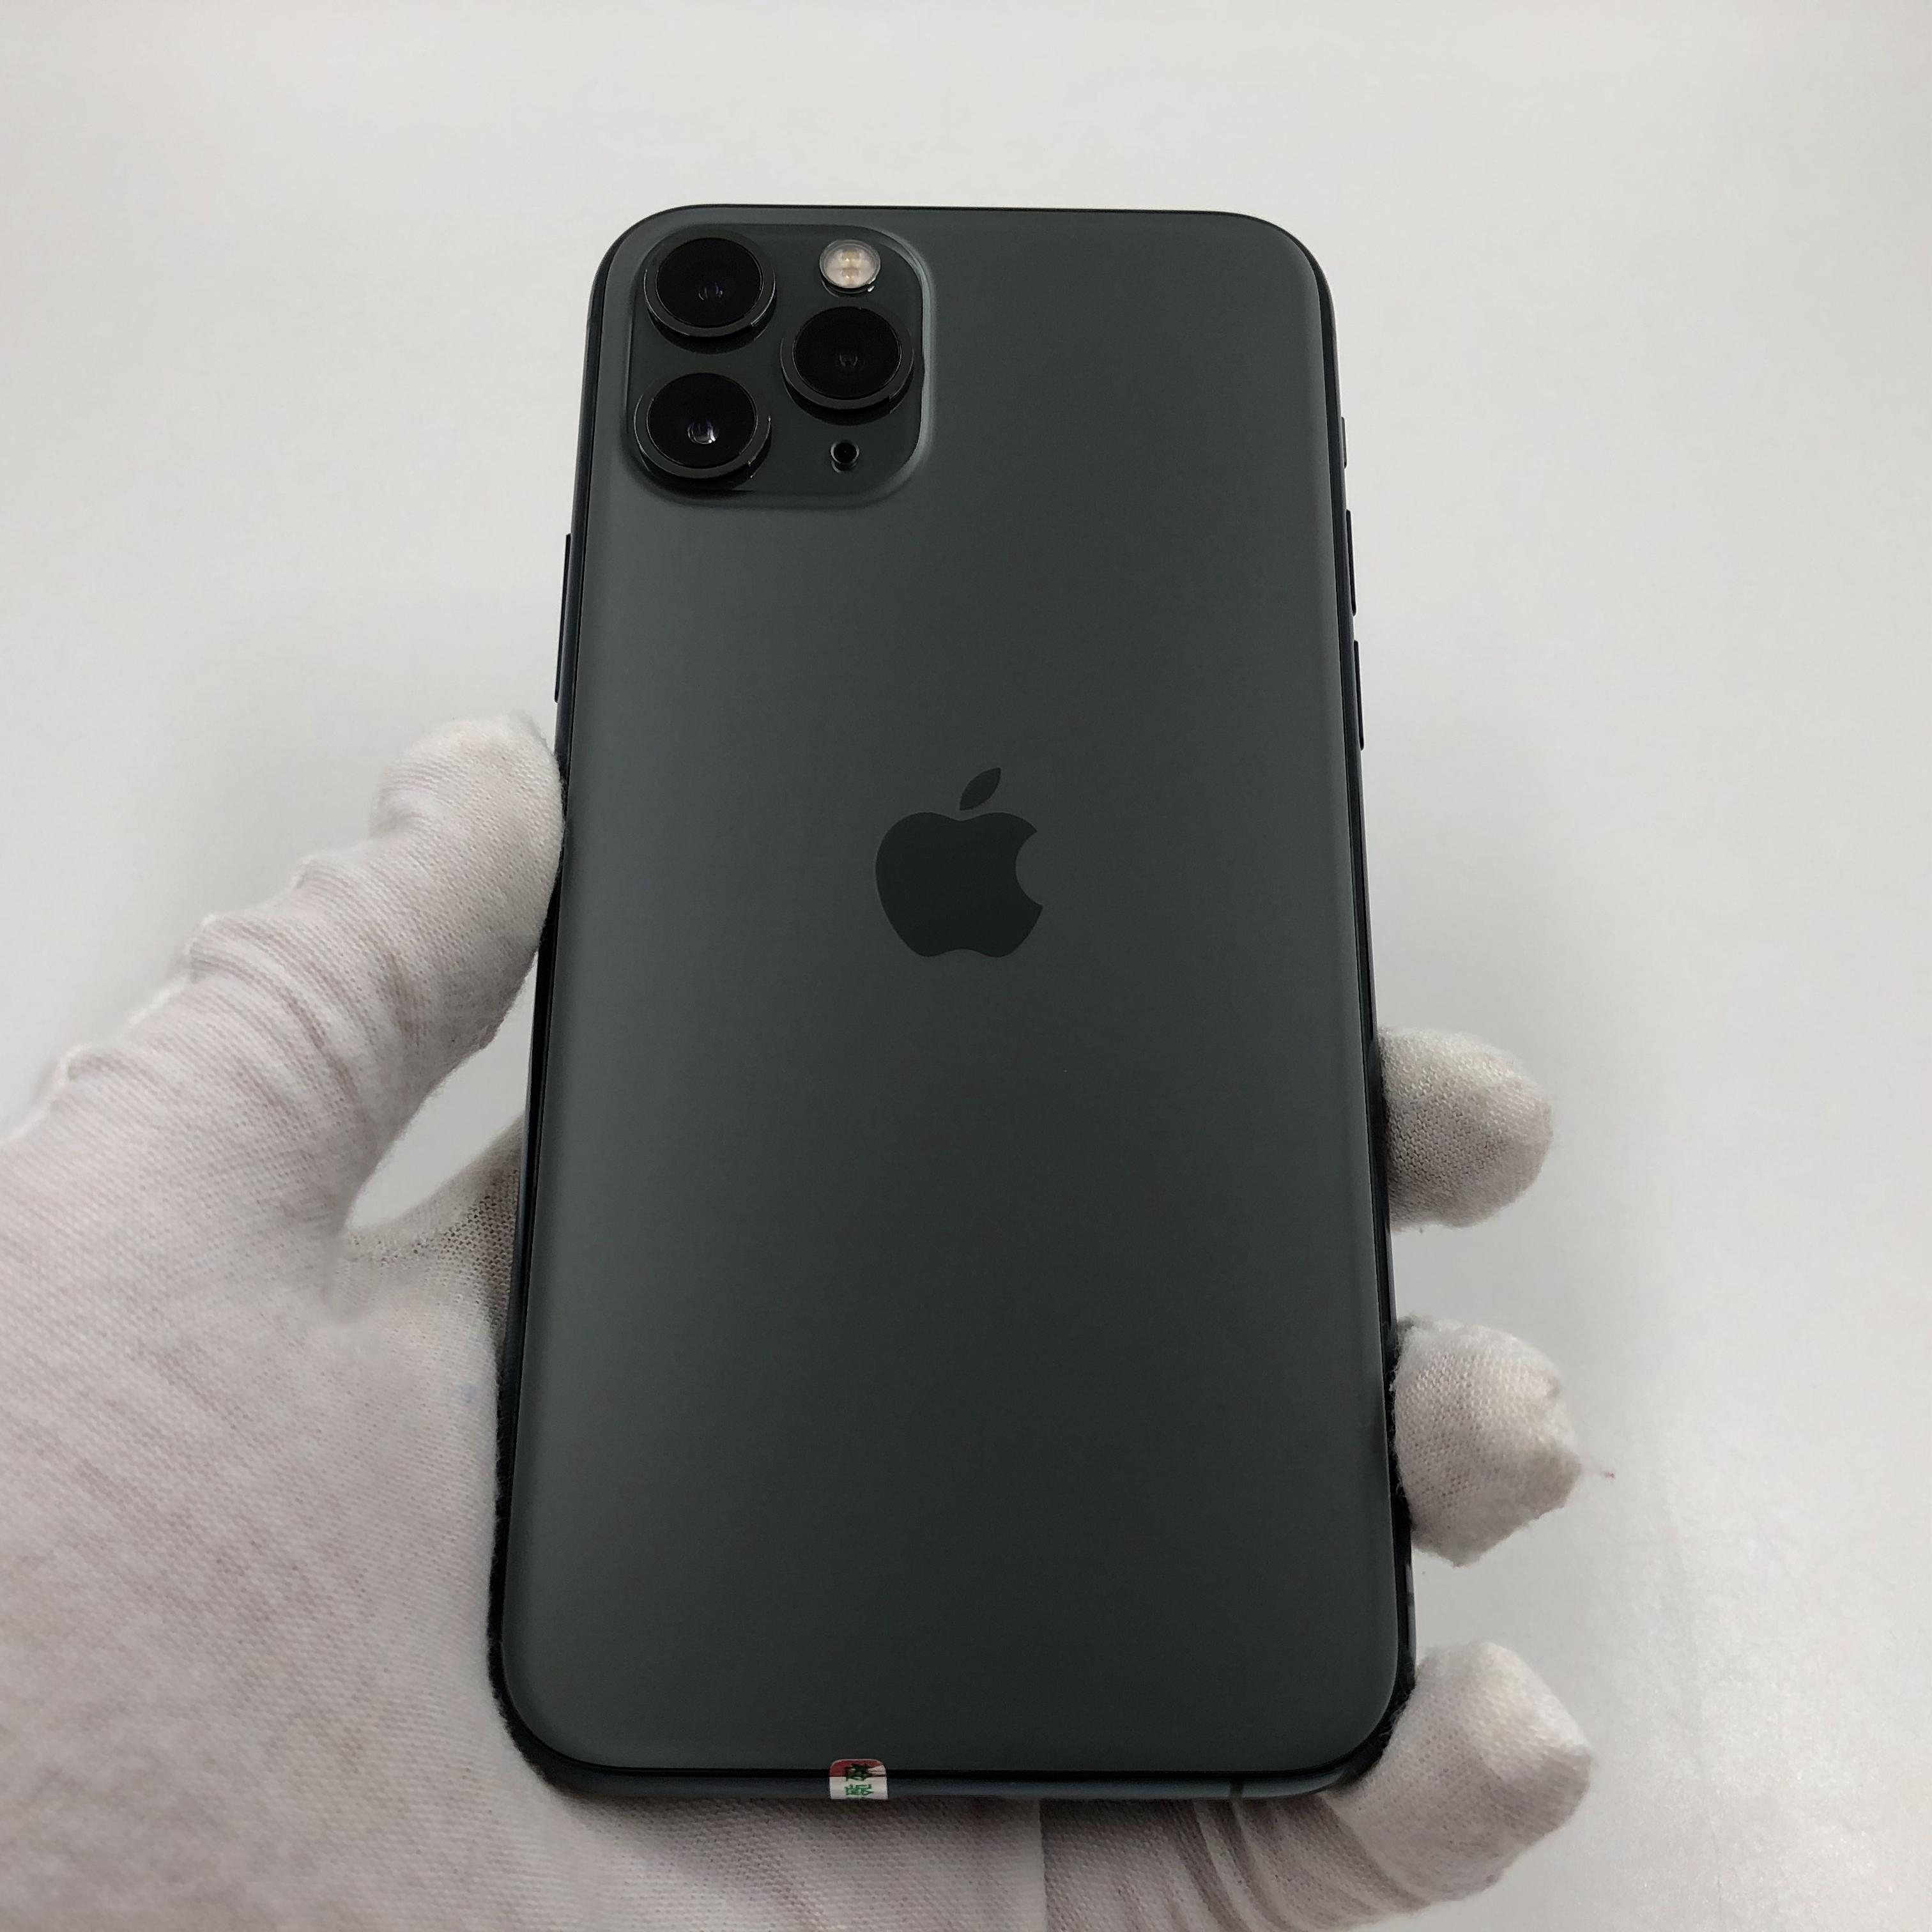 苹果【iPhone 11 Pro】4G全网通 暗夜绿色 256G 国际版 95新 真机实拍